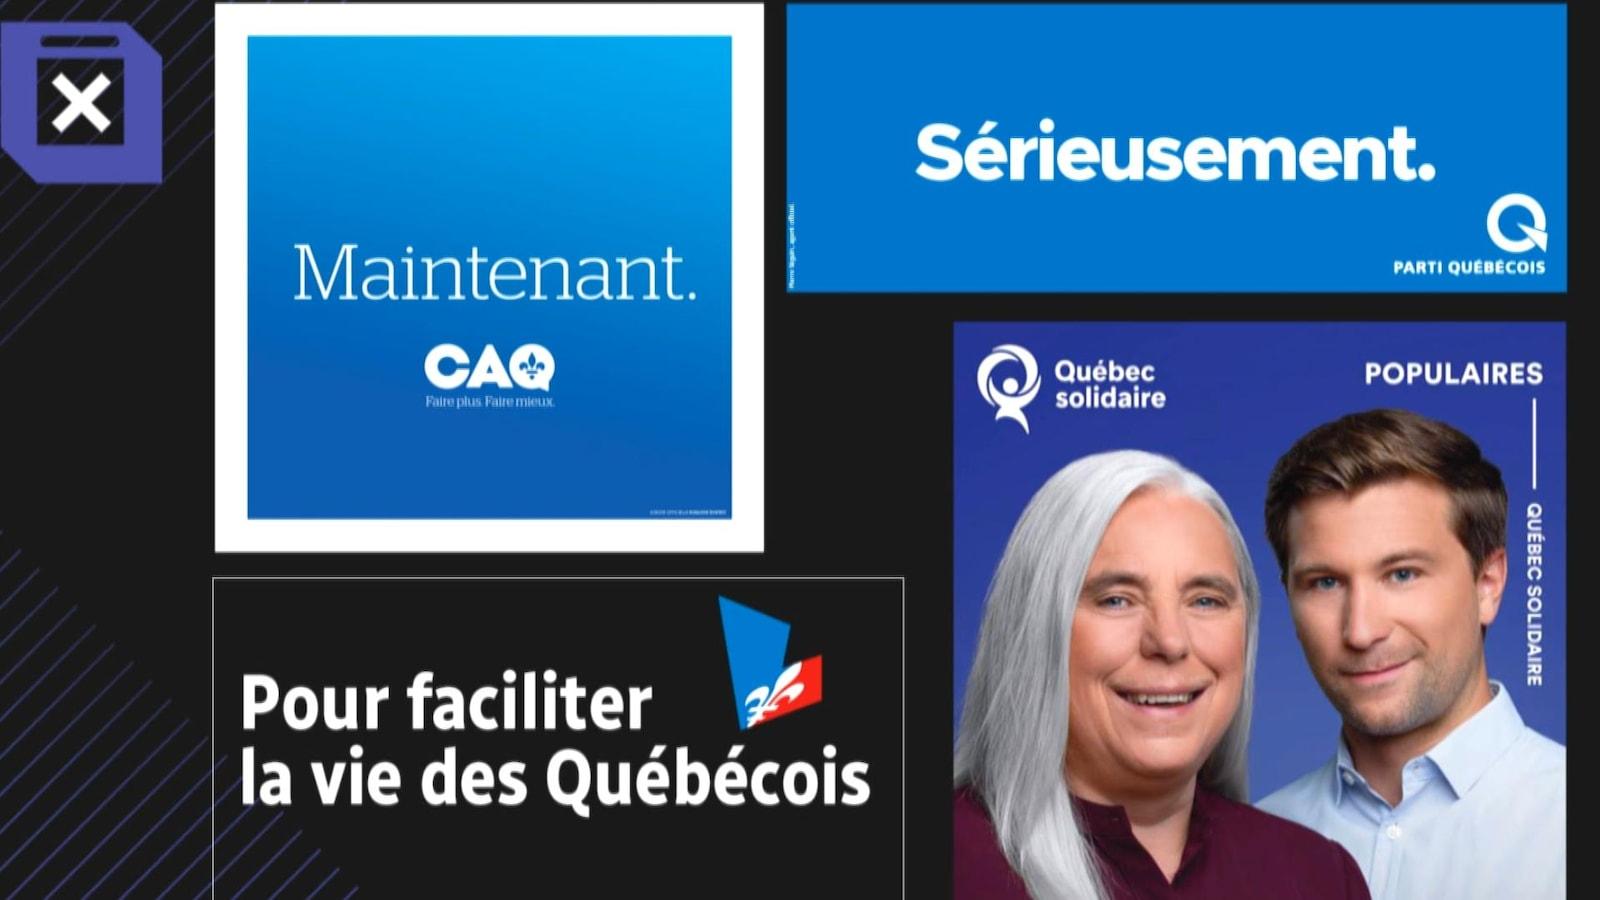 Les slogans : «Maintenant» (CAQ), «Sérieusement» (PQ), «Populaires» (QS) et «Pour faciliter la vie des Québécois (PLQ).